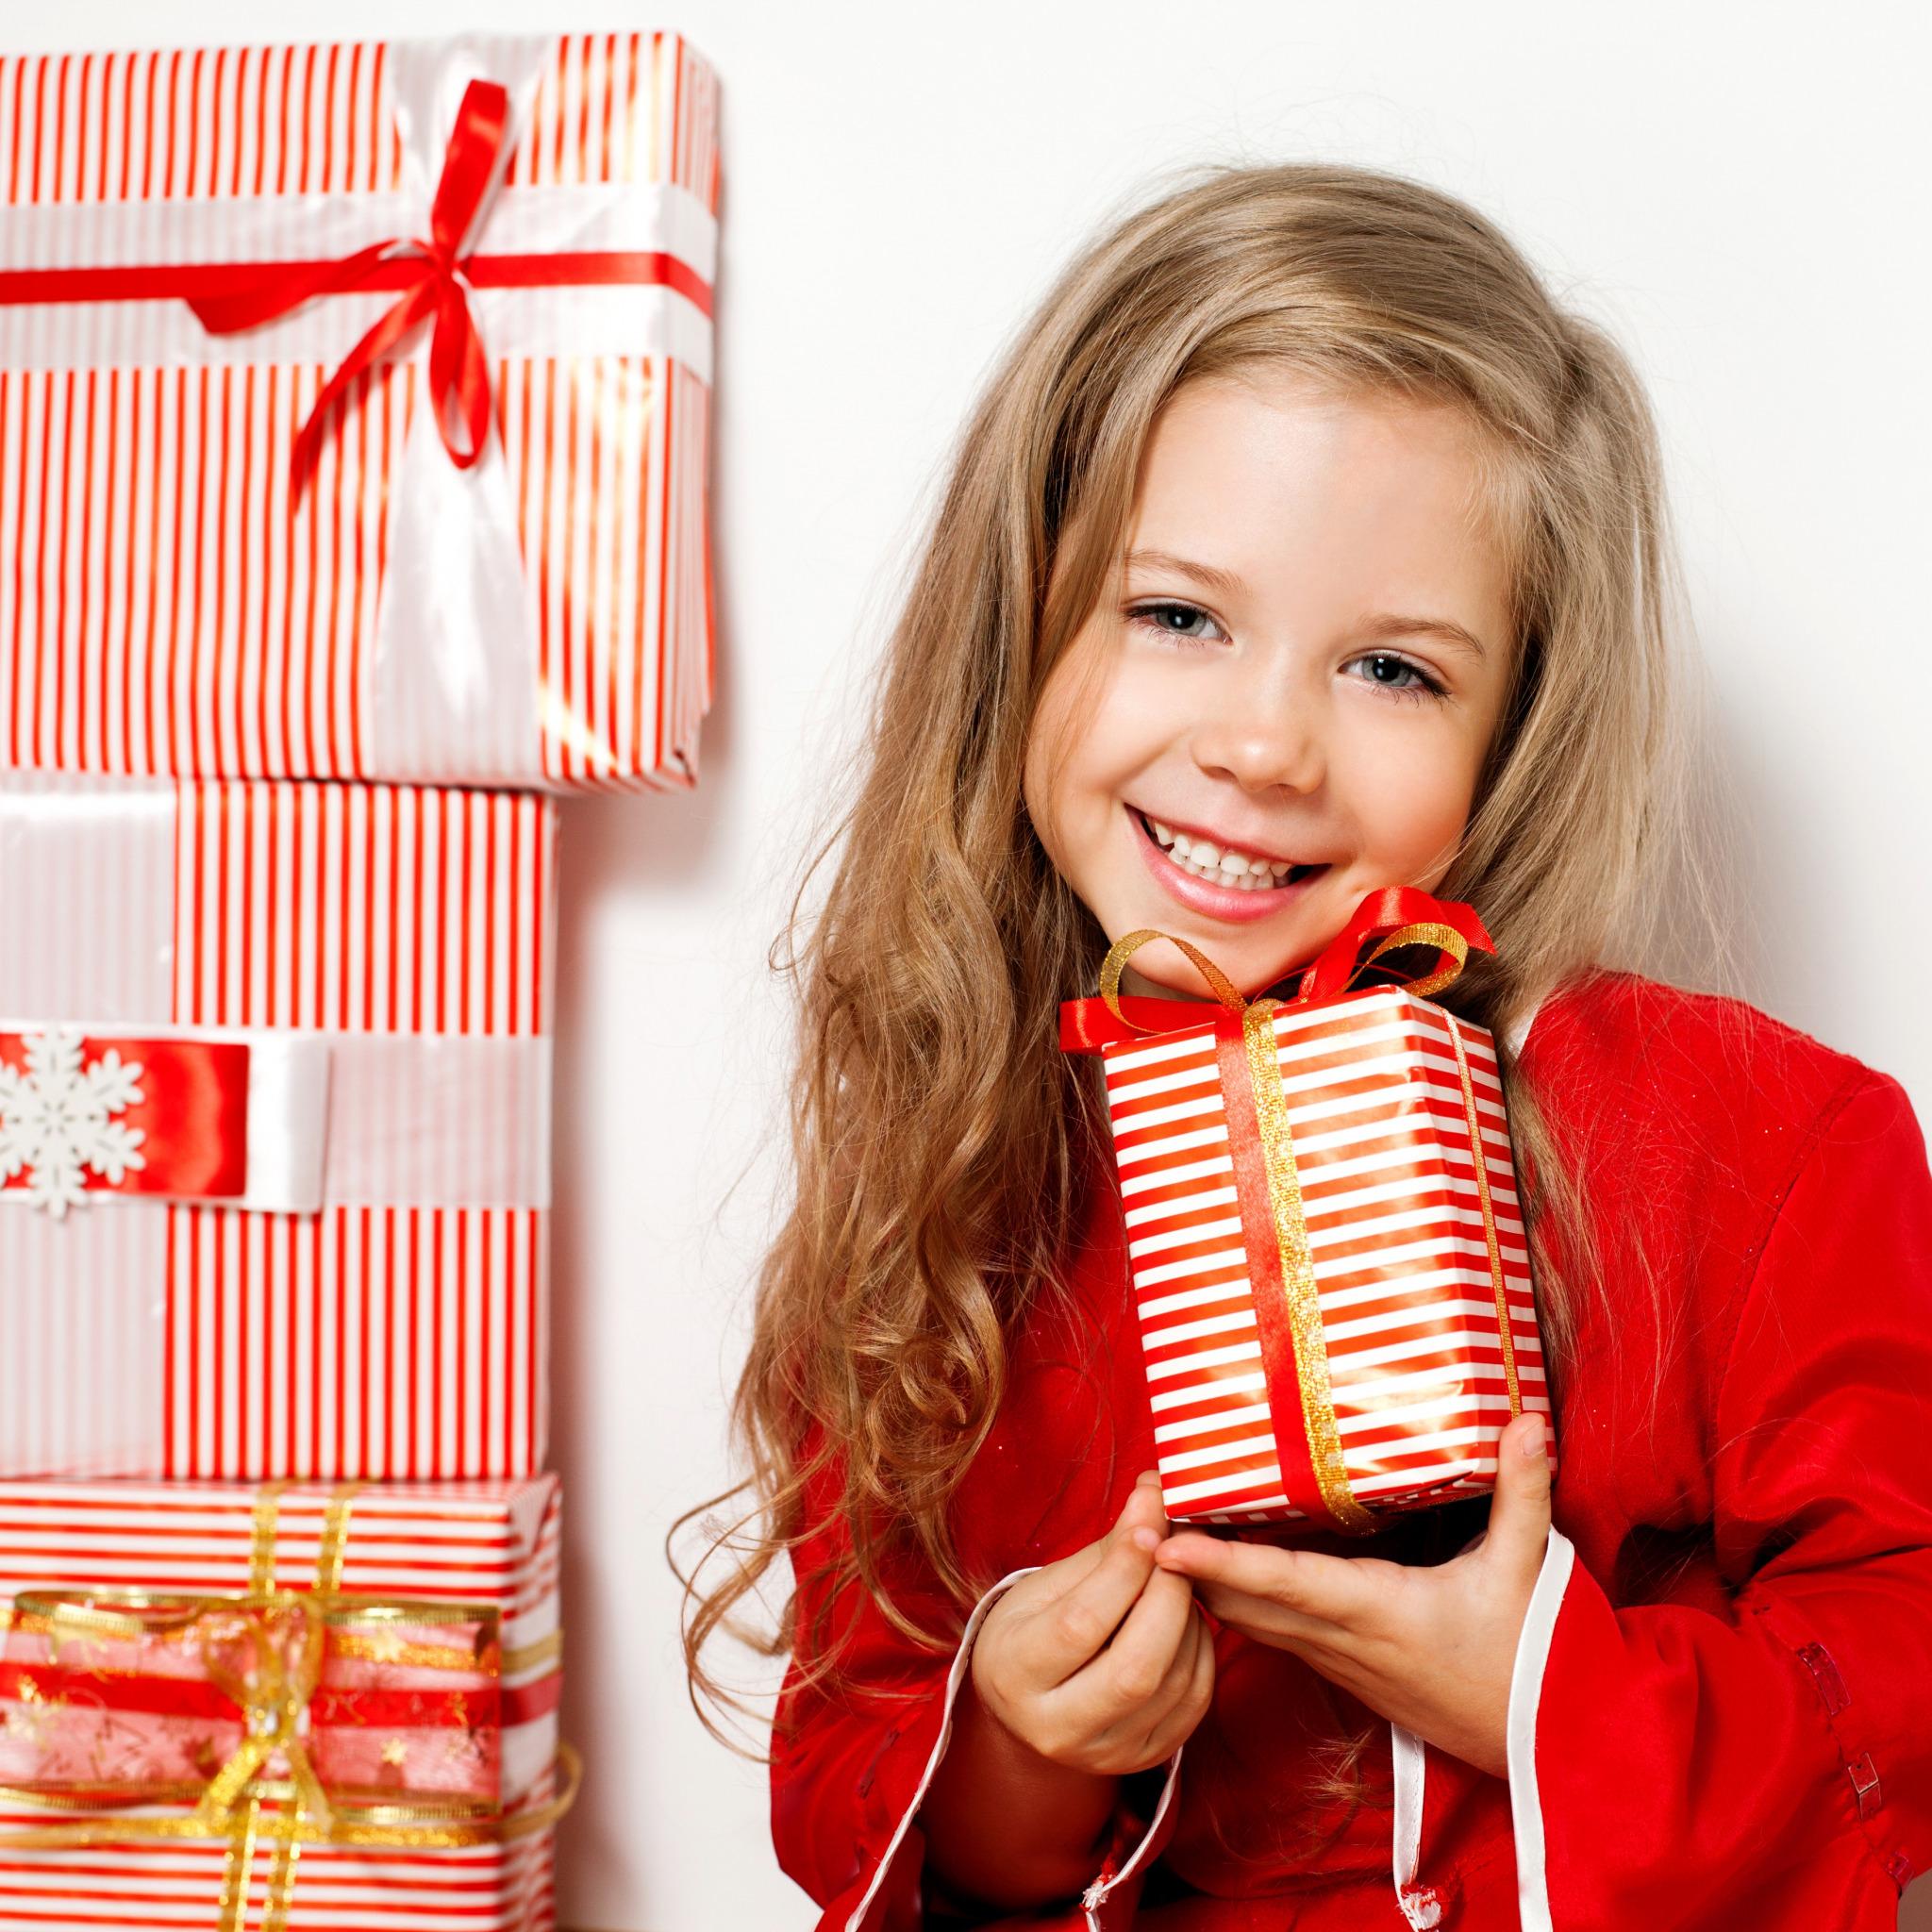 подарок на день рождения москва фотосессия самом